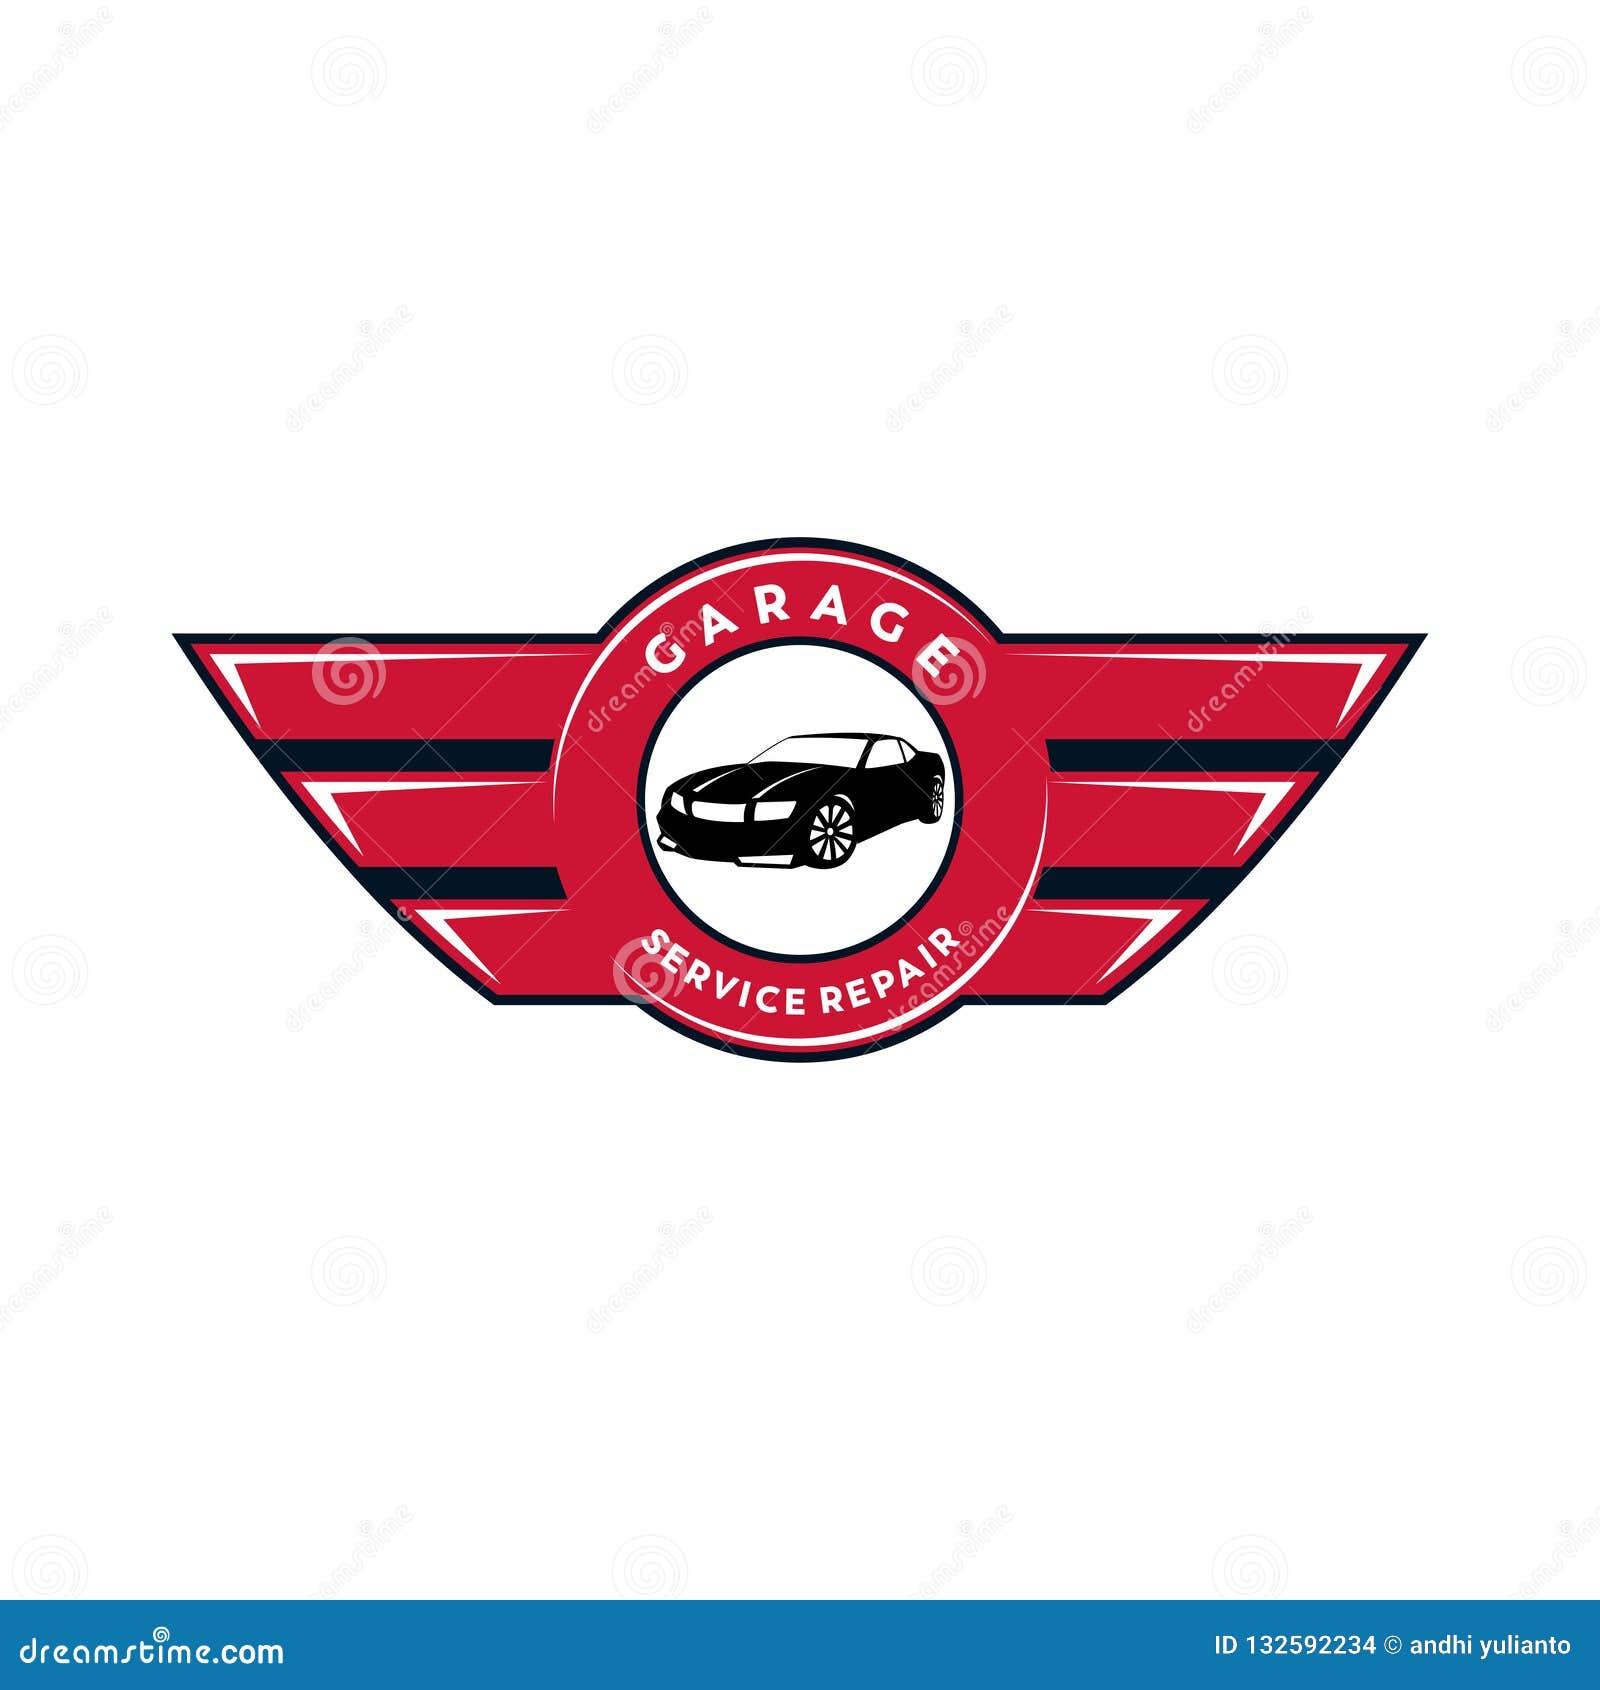 Car Dealer Or Maintenance Service Vector Logo Design Or Illustration